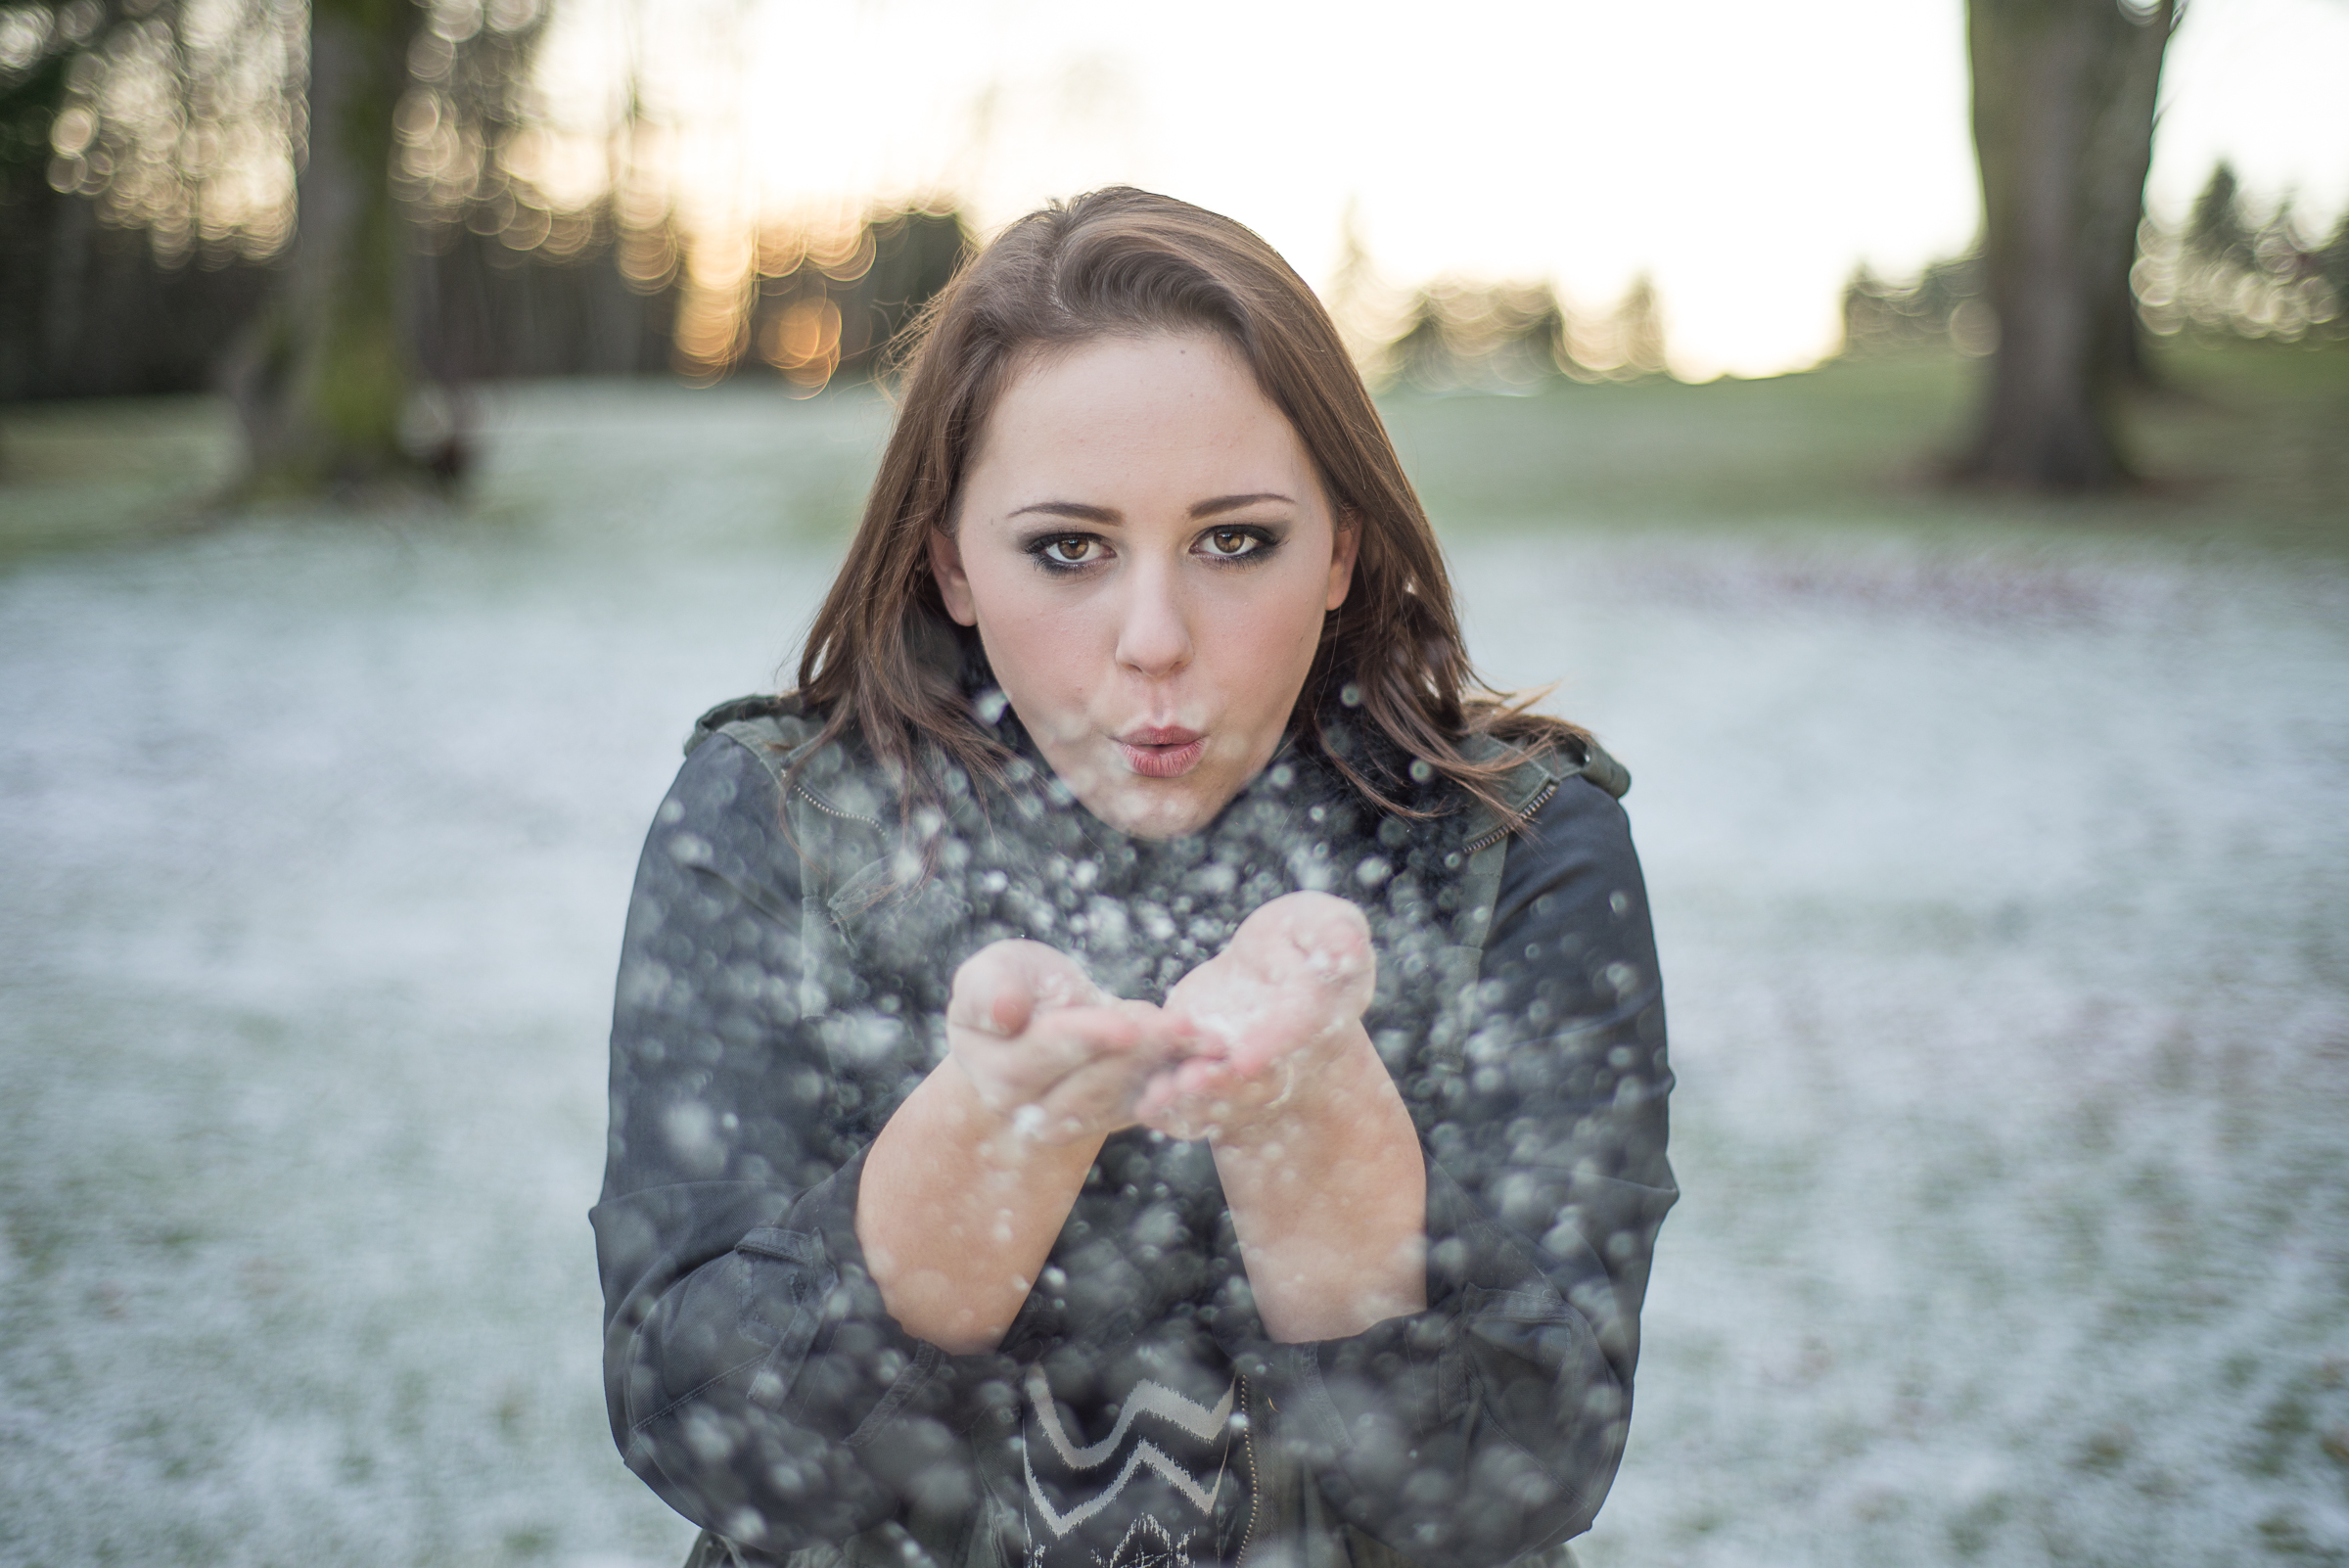 Senior girl blowing dandylions